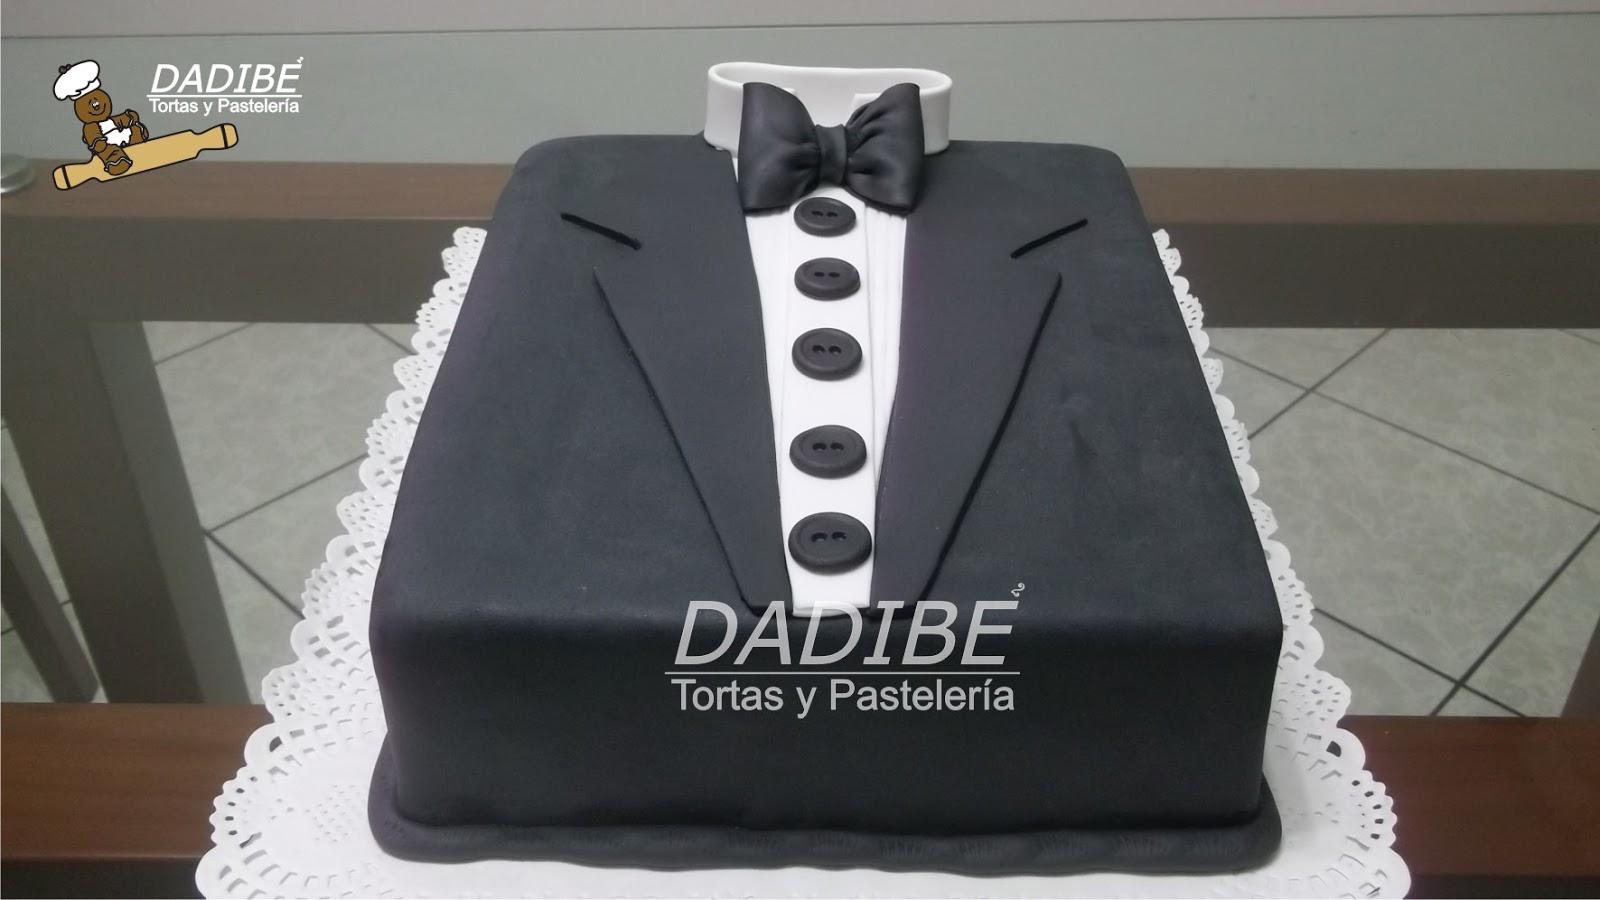 torta modelo smoking tortasdadibe @ gmail com 624 7168 9929 11 330